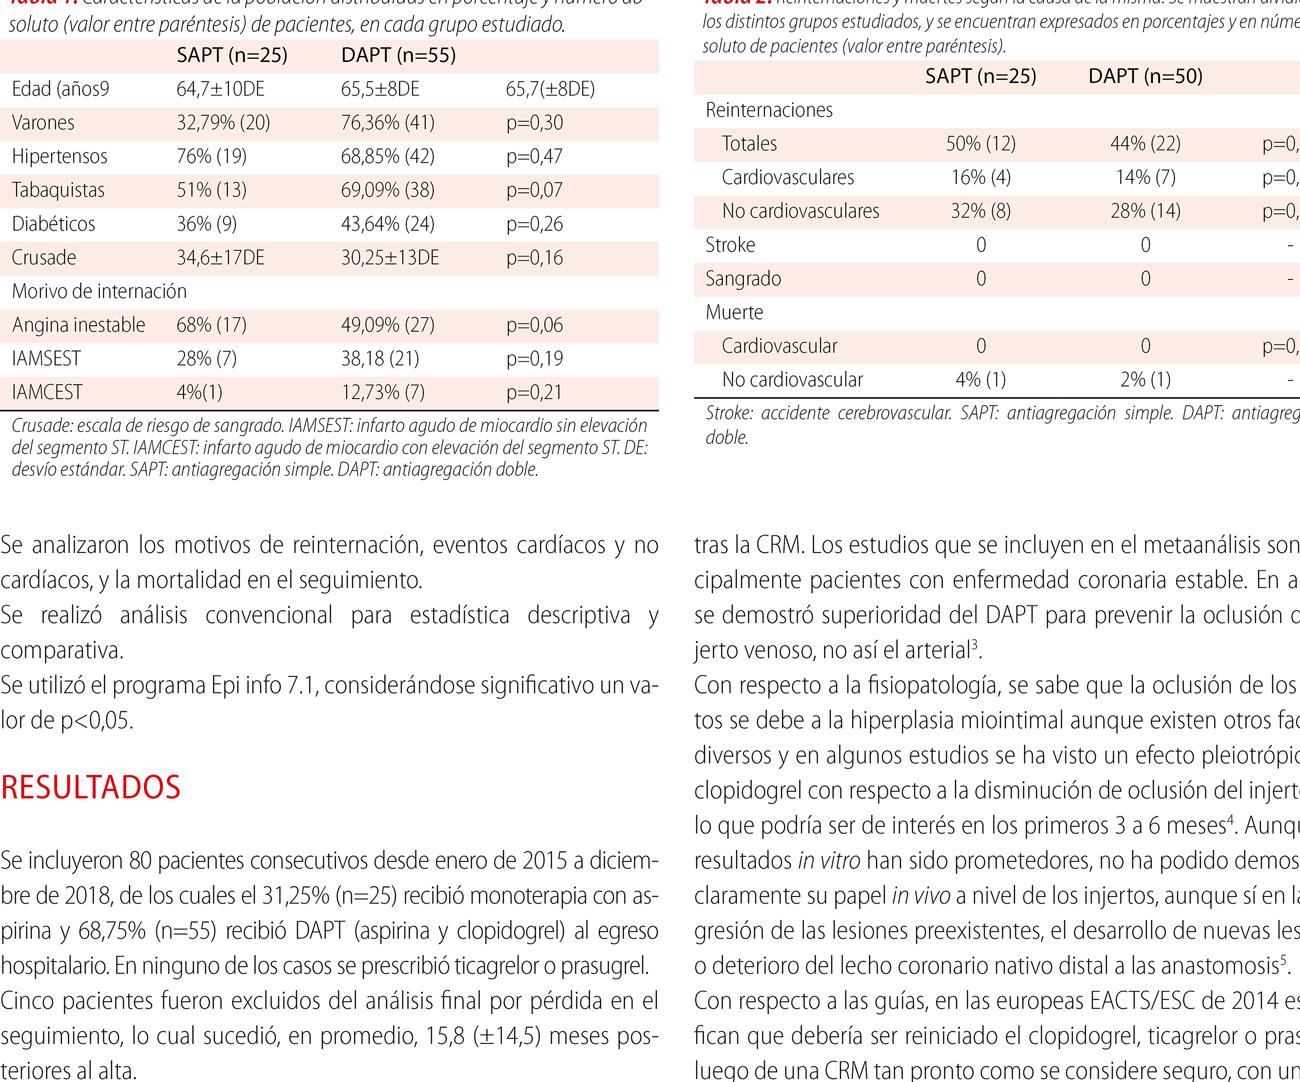 En síndromes coronarios agudos que requieren cirugía de revascularización miocárdica ¿uno o dos antiplaquetarios al alta? Eventos en el seguimiento